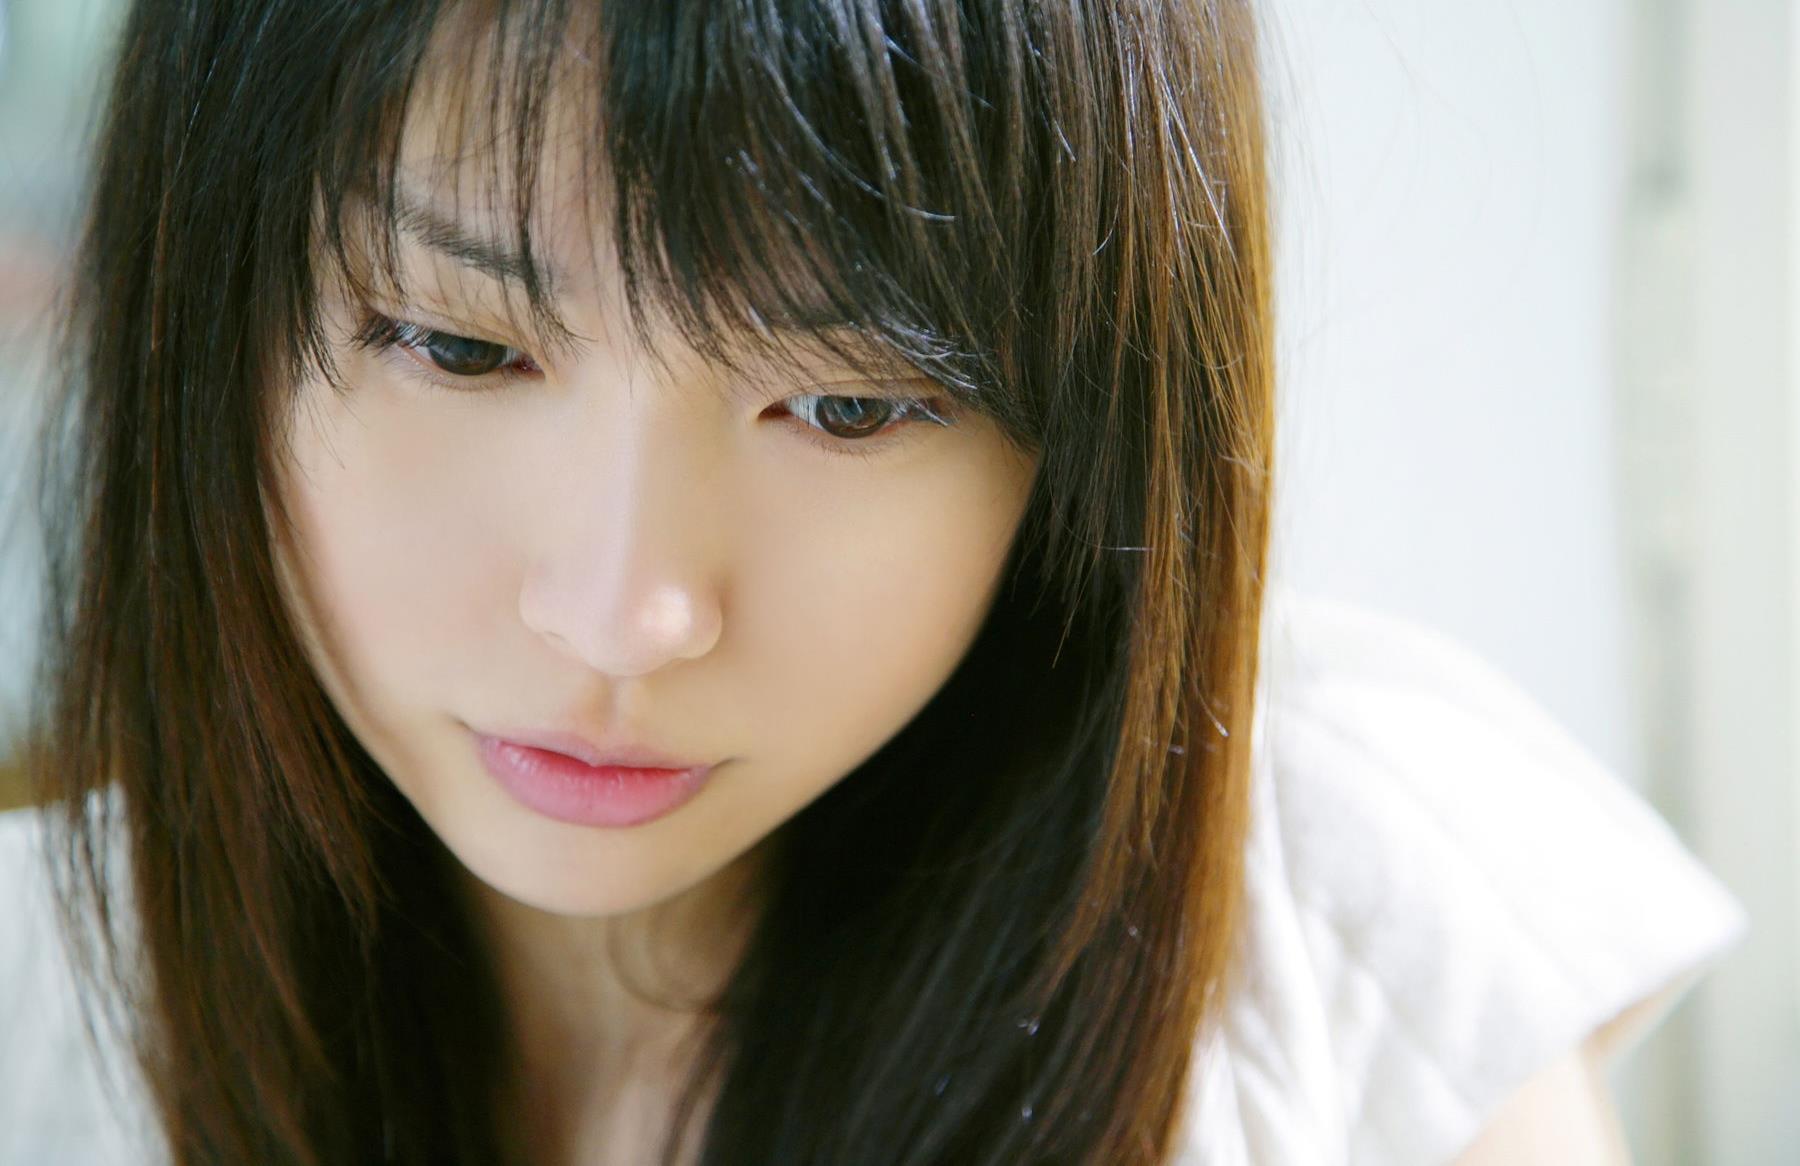 戸田恵梨香 エロ画像 53